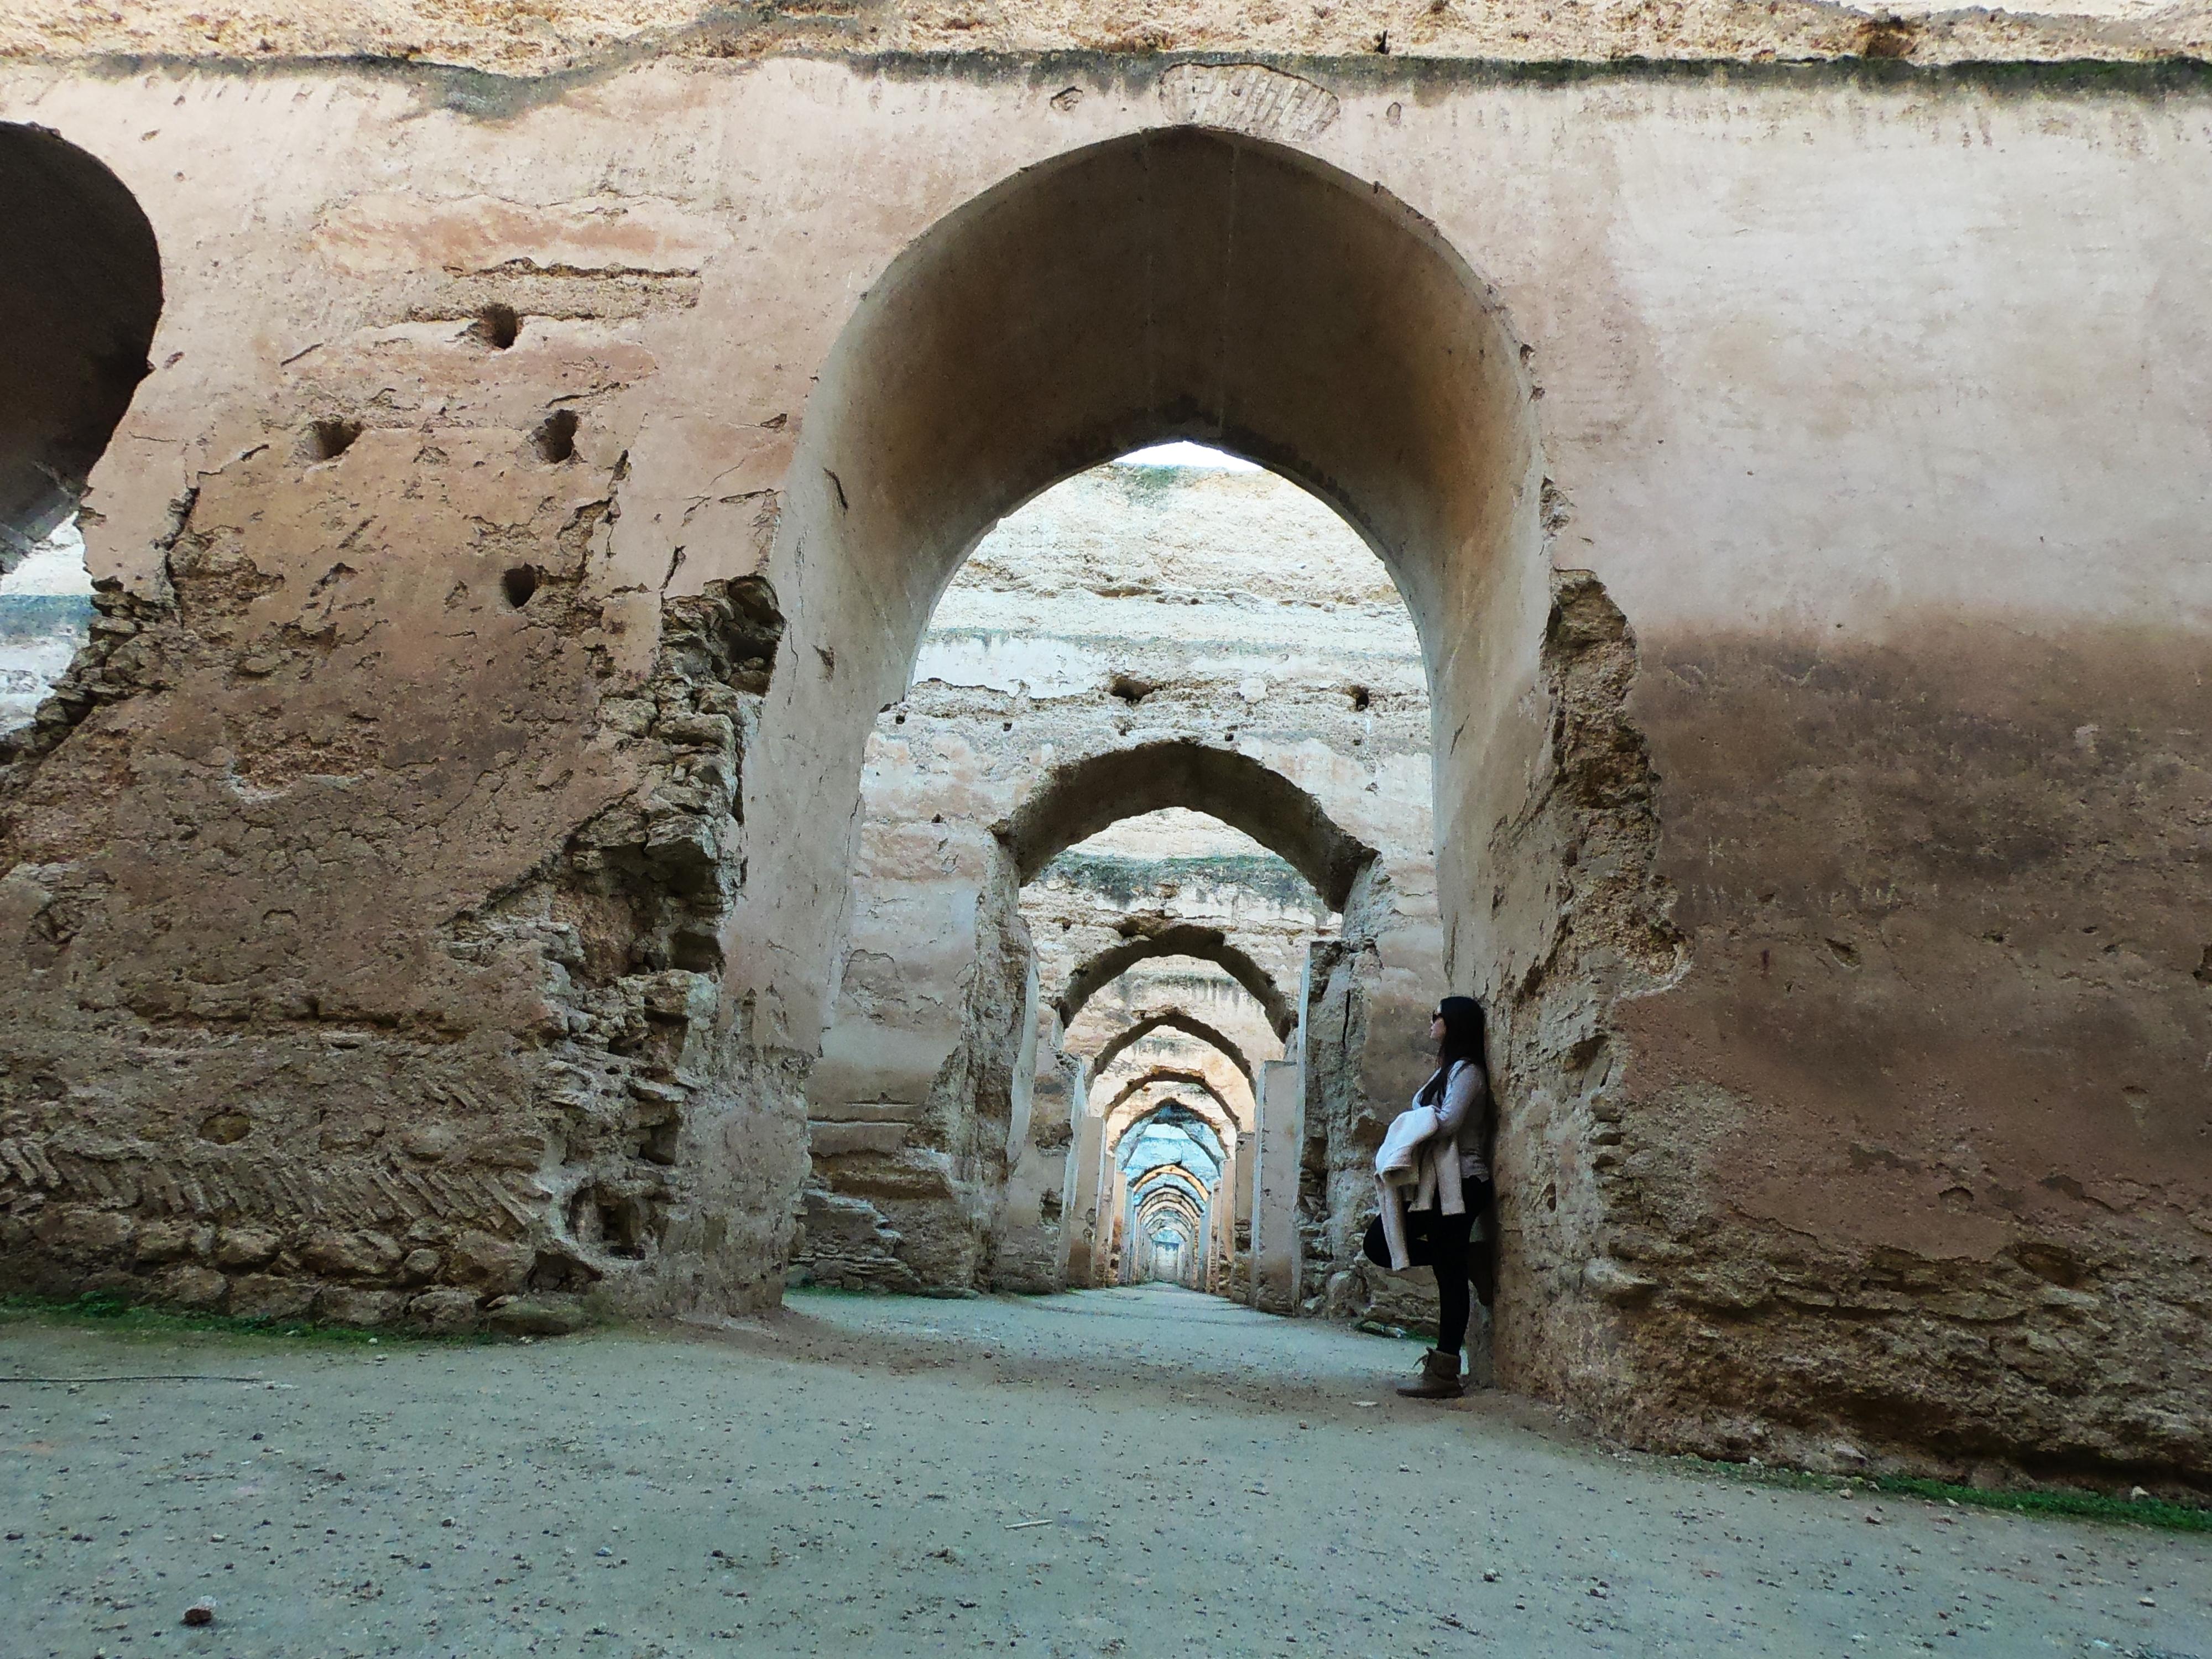 Estábulo de uma Meknès antiga